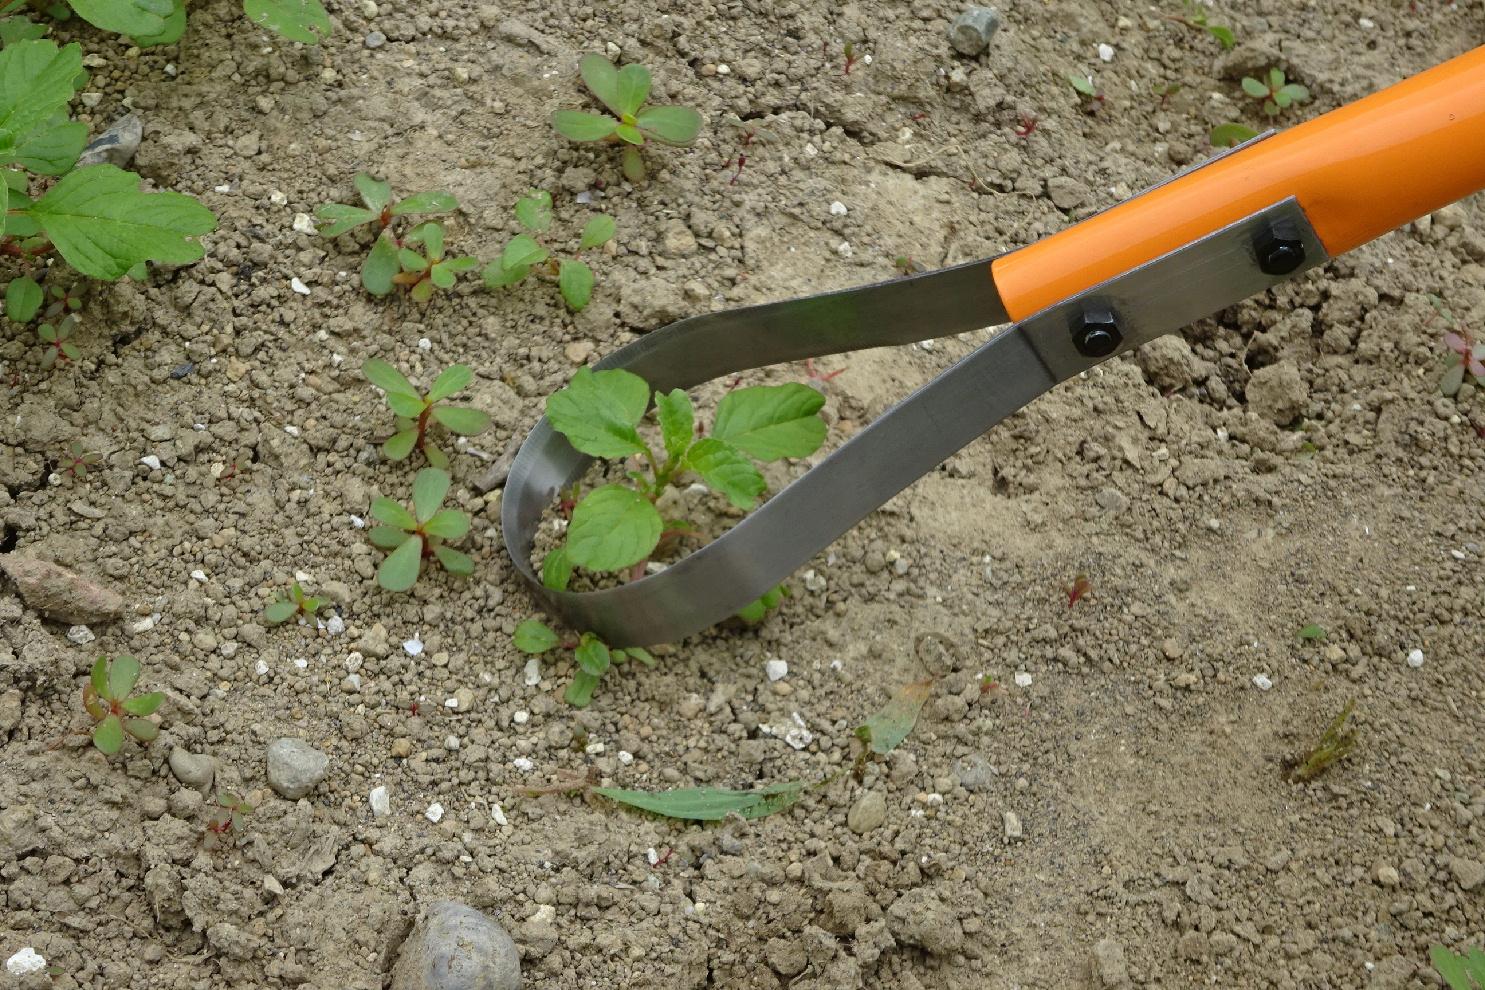 http://gr-garden.com/garden-pro-mini-image3.jpg